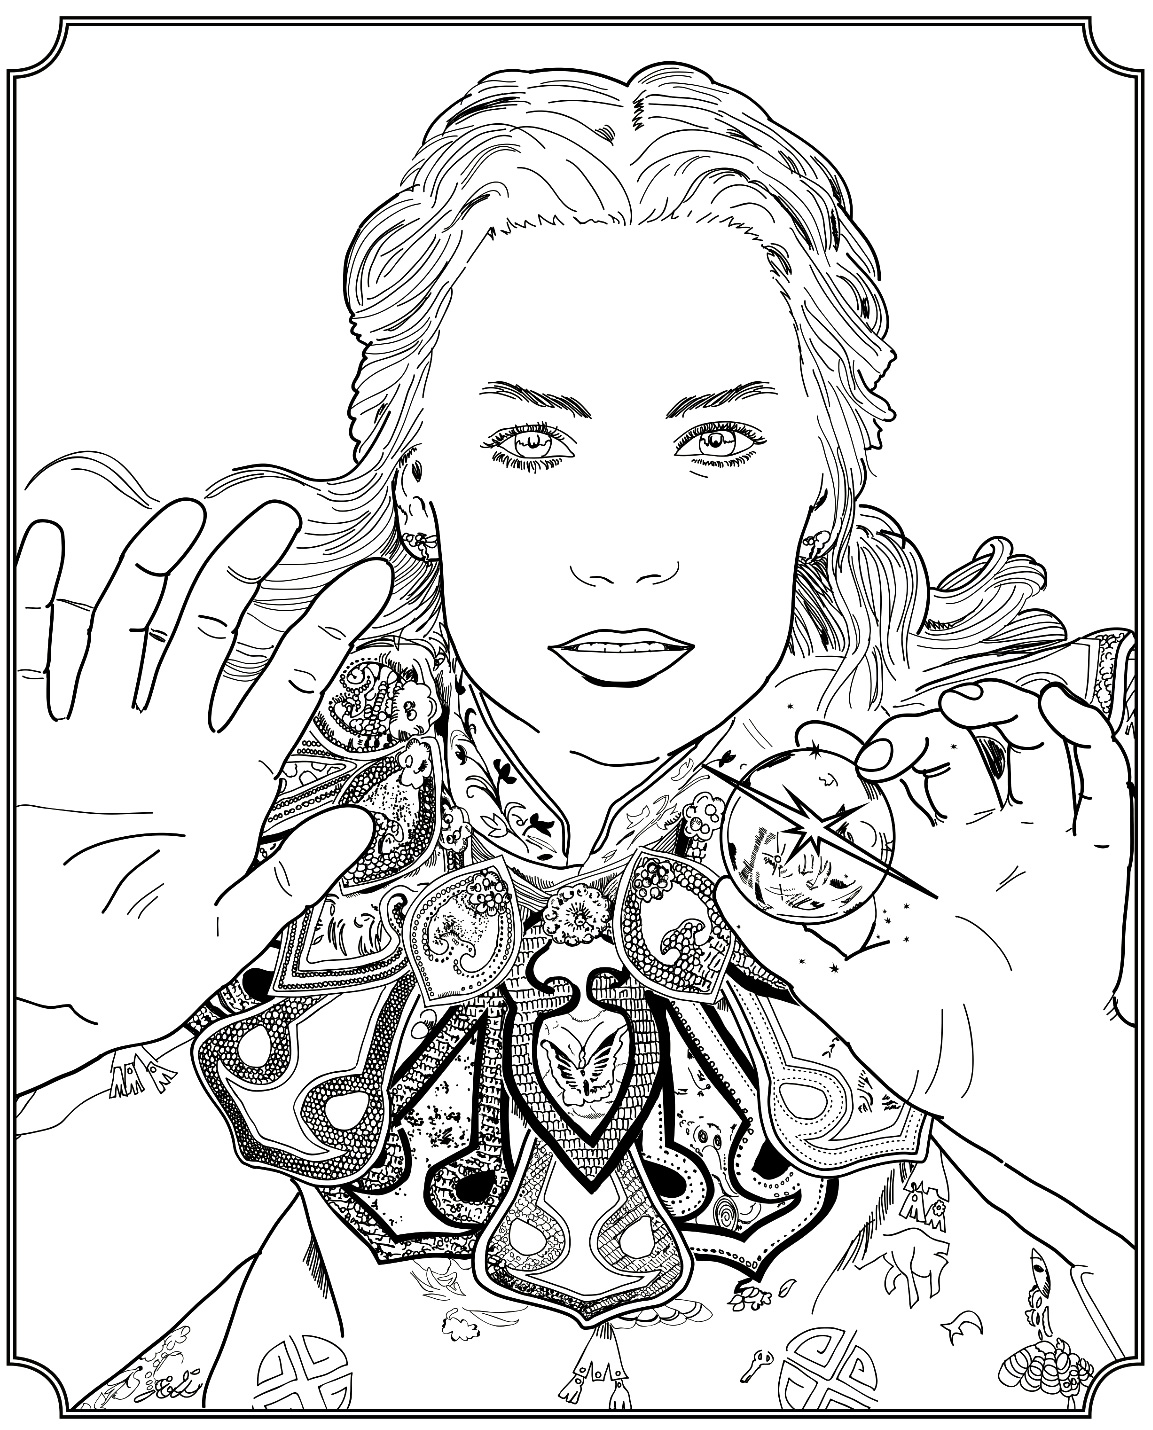 Desenho do filme Alice no País das Maravilhas para colorir